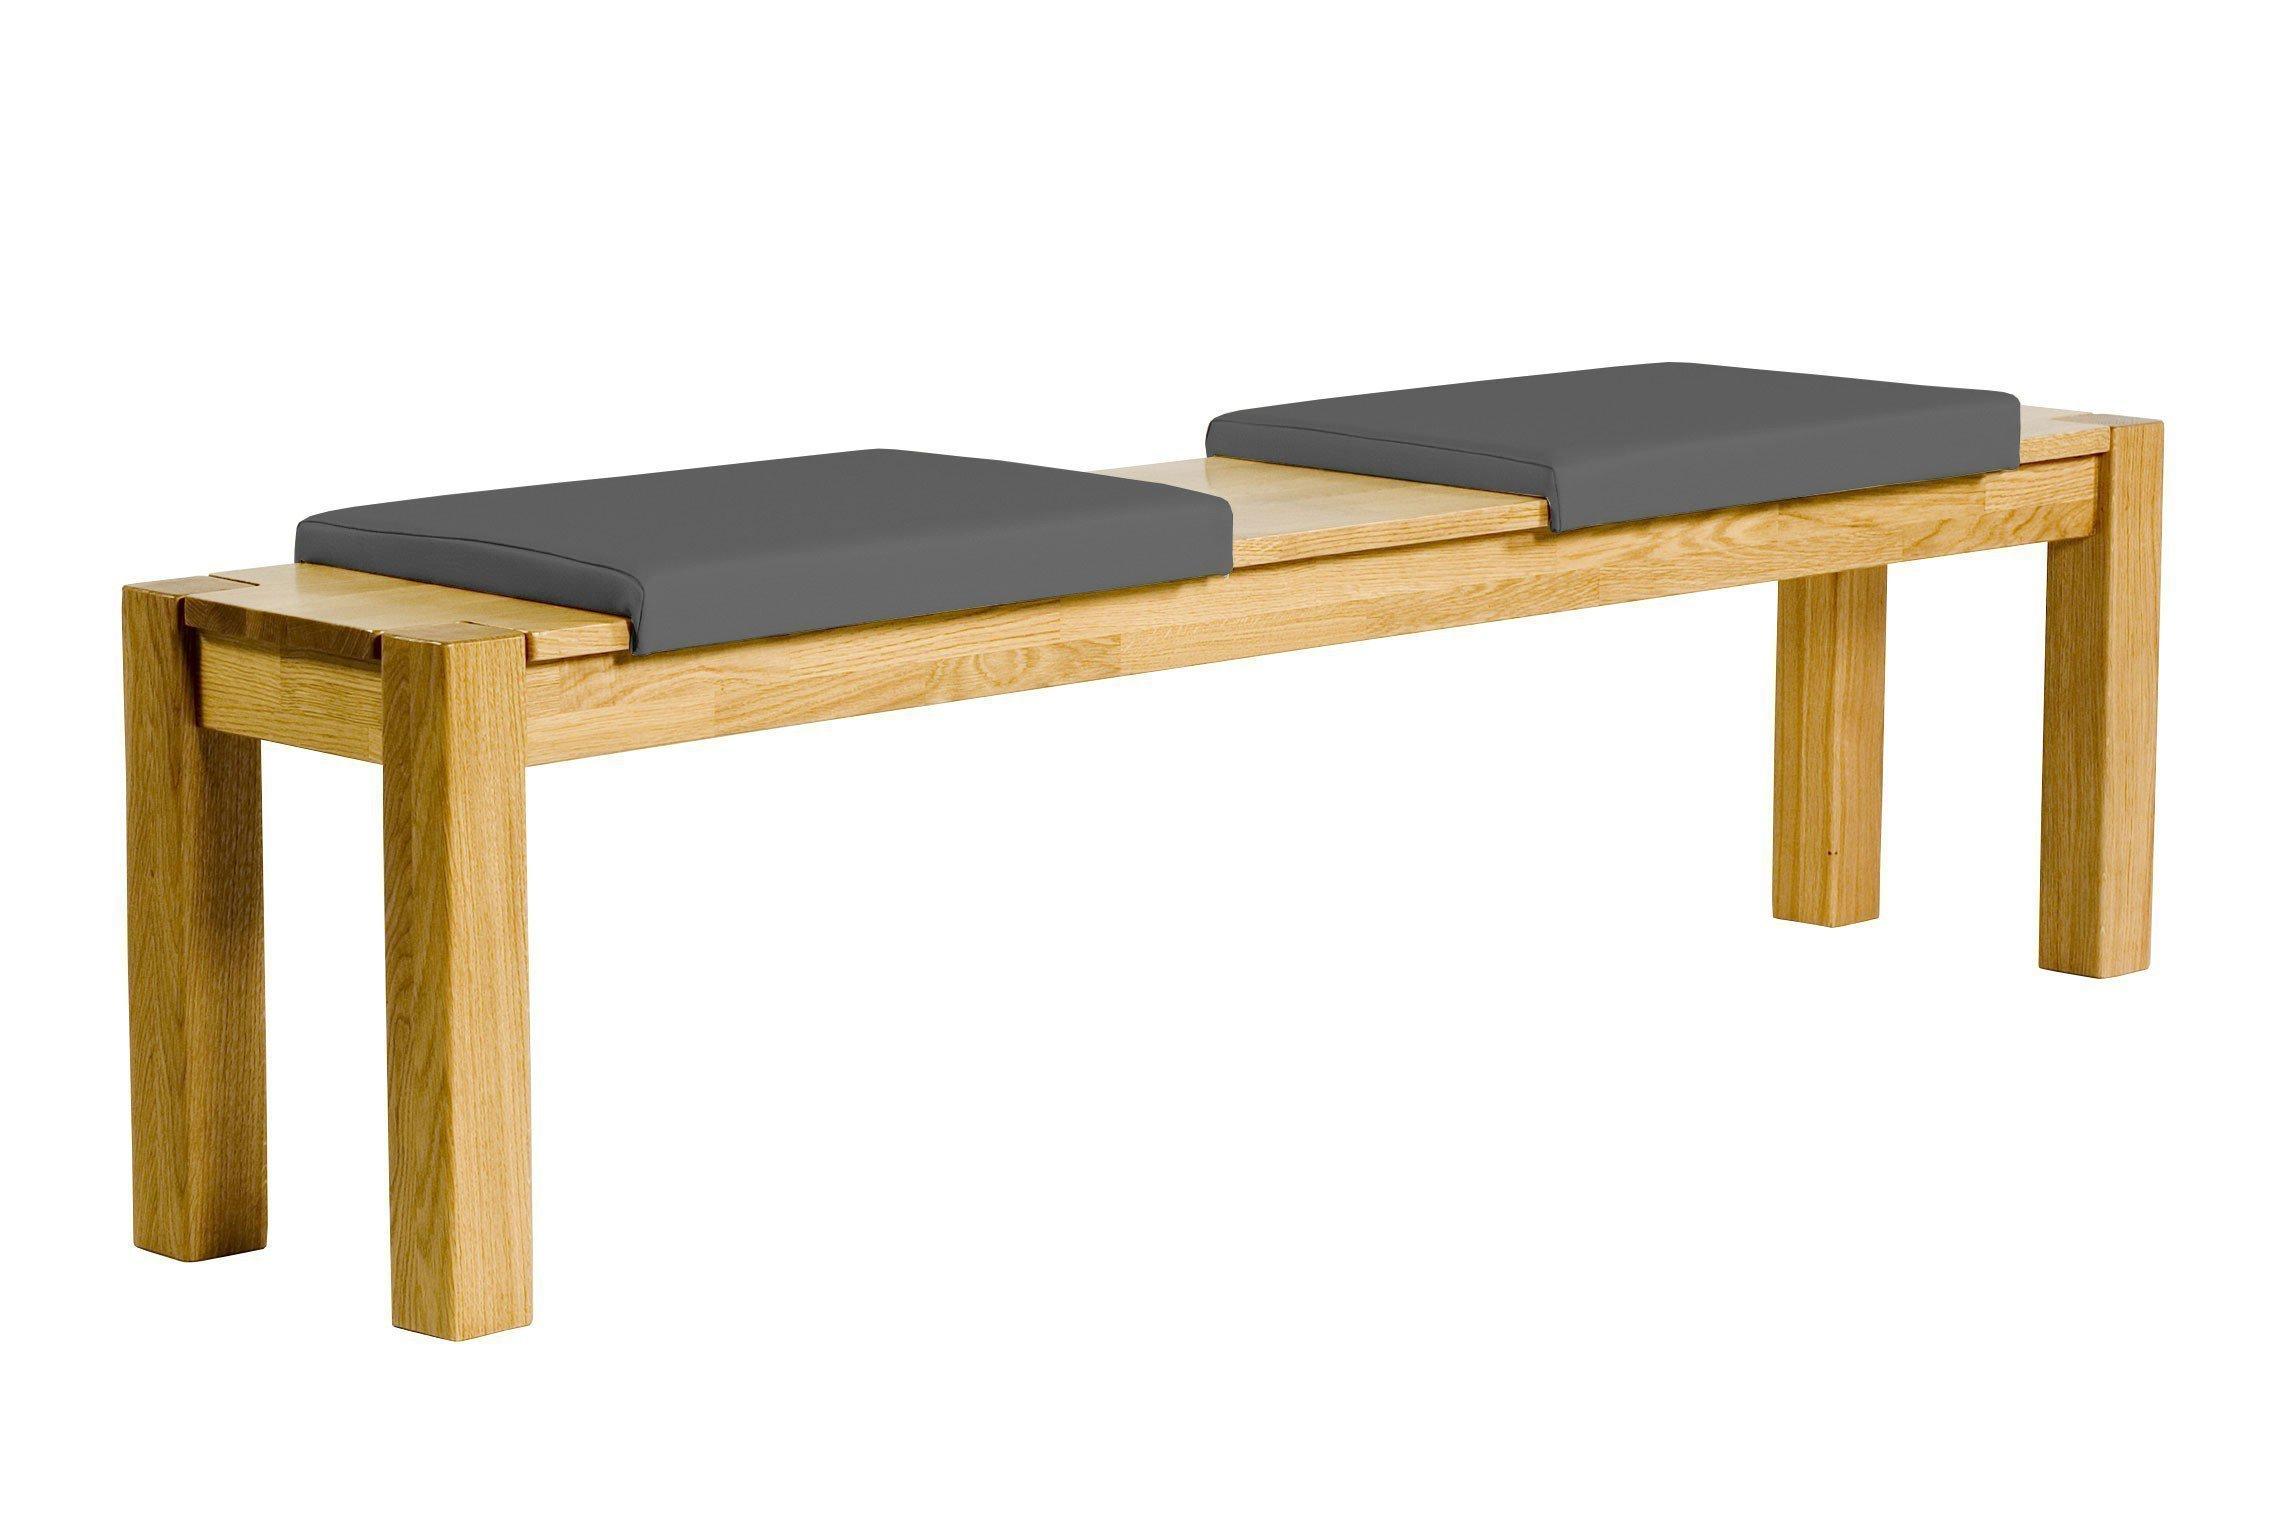 Verführerisch Bank Möbel Dekoration Von Timo 2 Von Standard Furniture - Eiche/